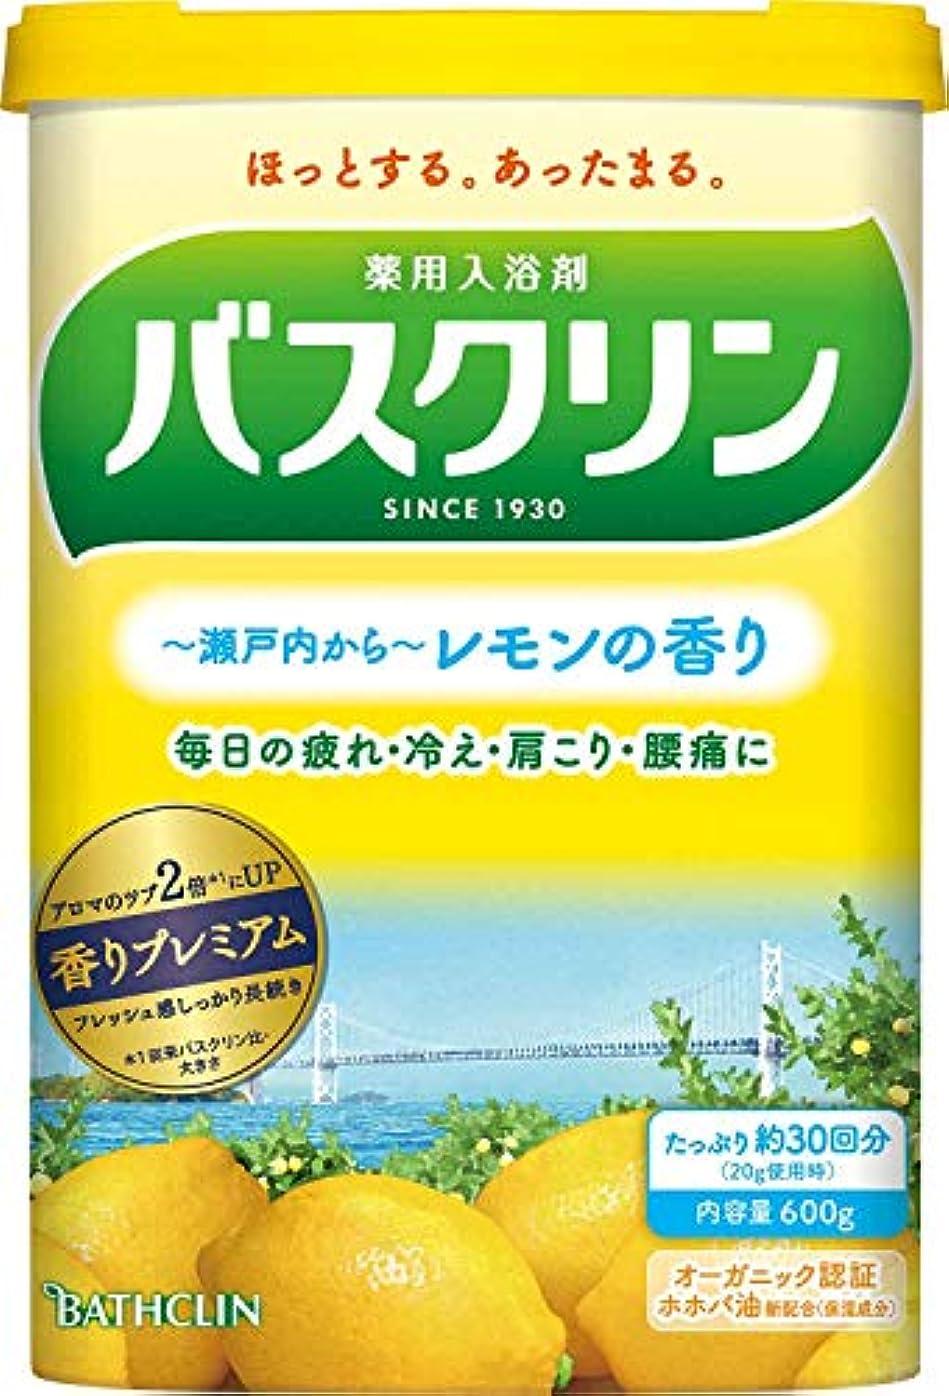 インドほんの政権【医薬部外品】バスクリン入浴剤 レモンの香り600g(約30回分) 疲労回復